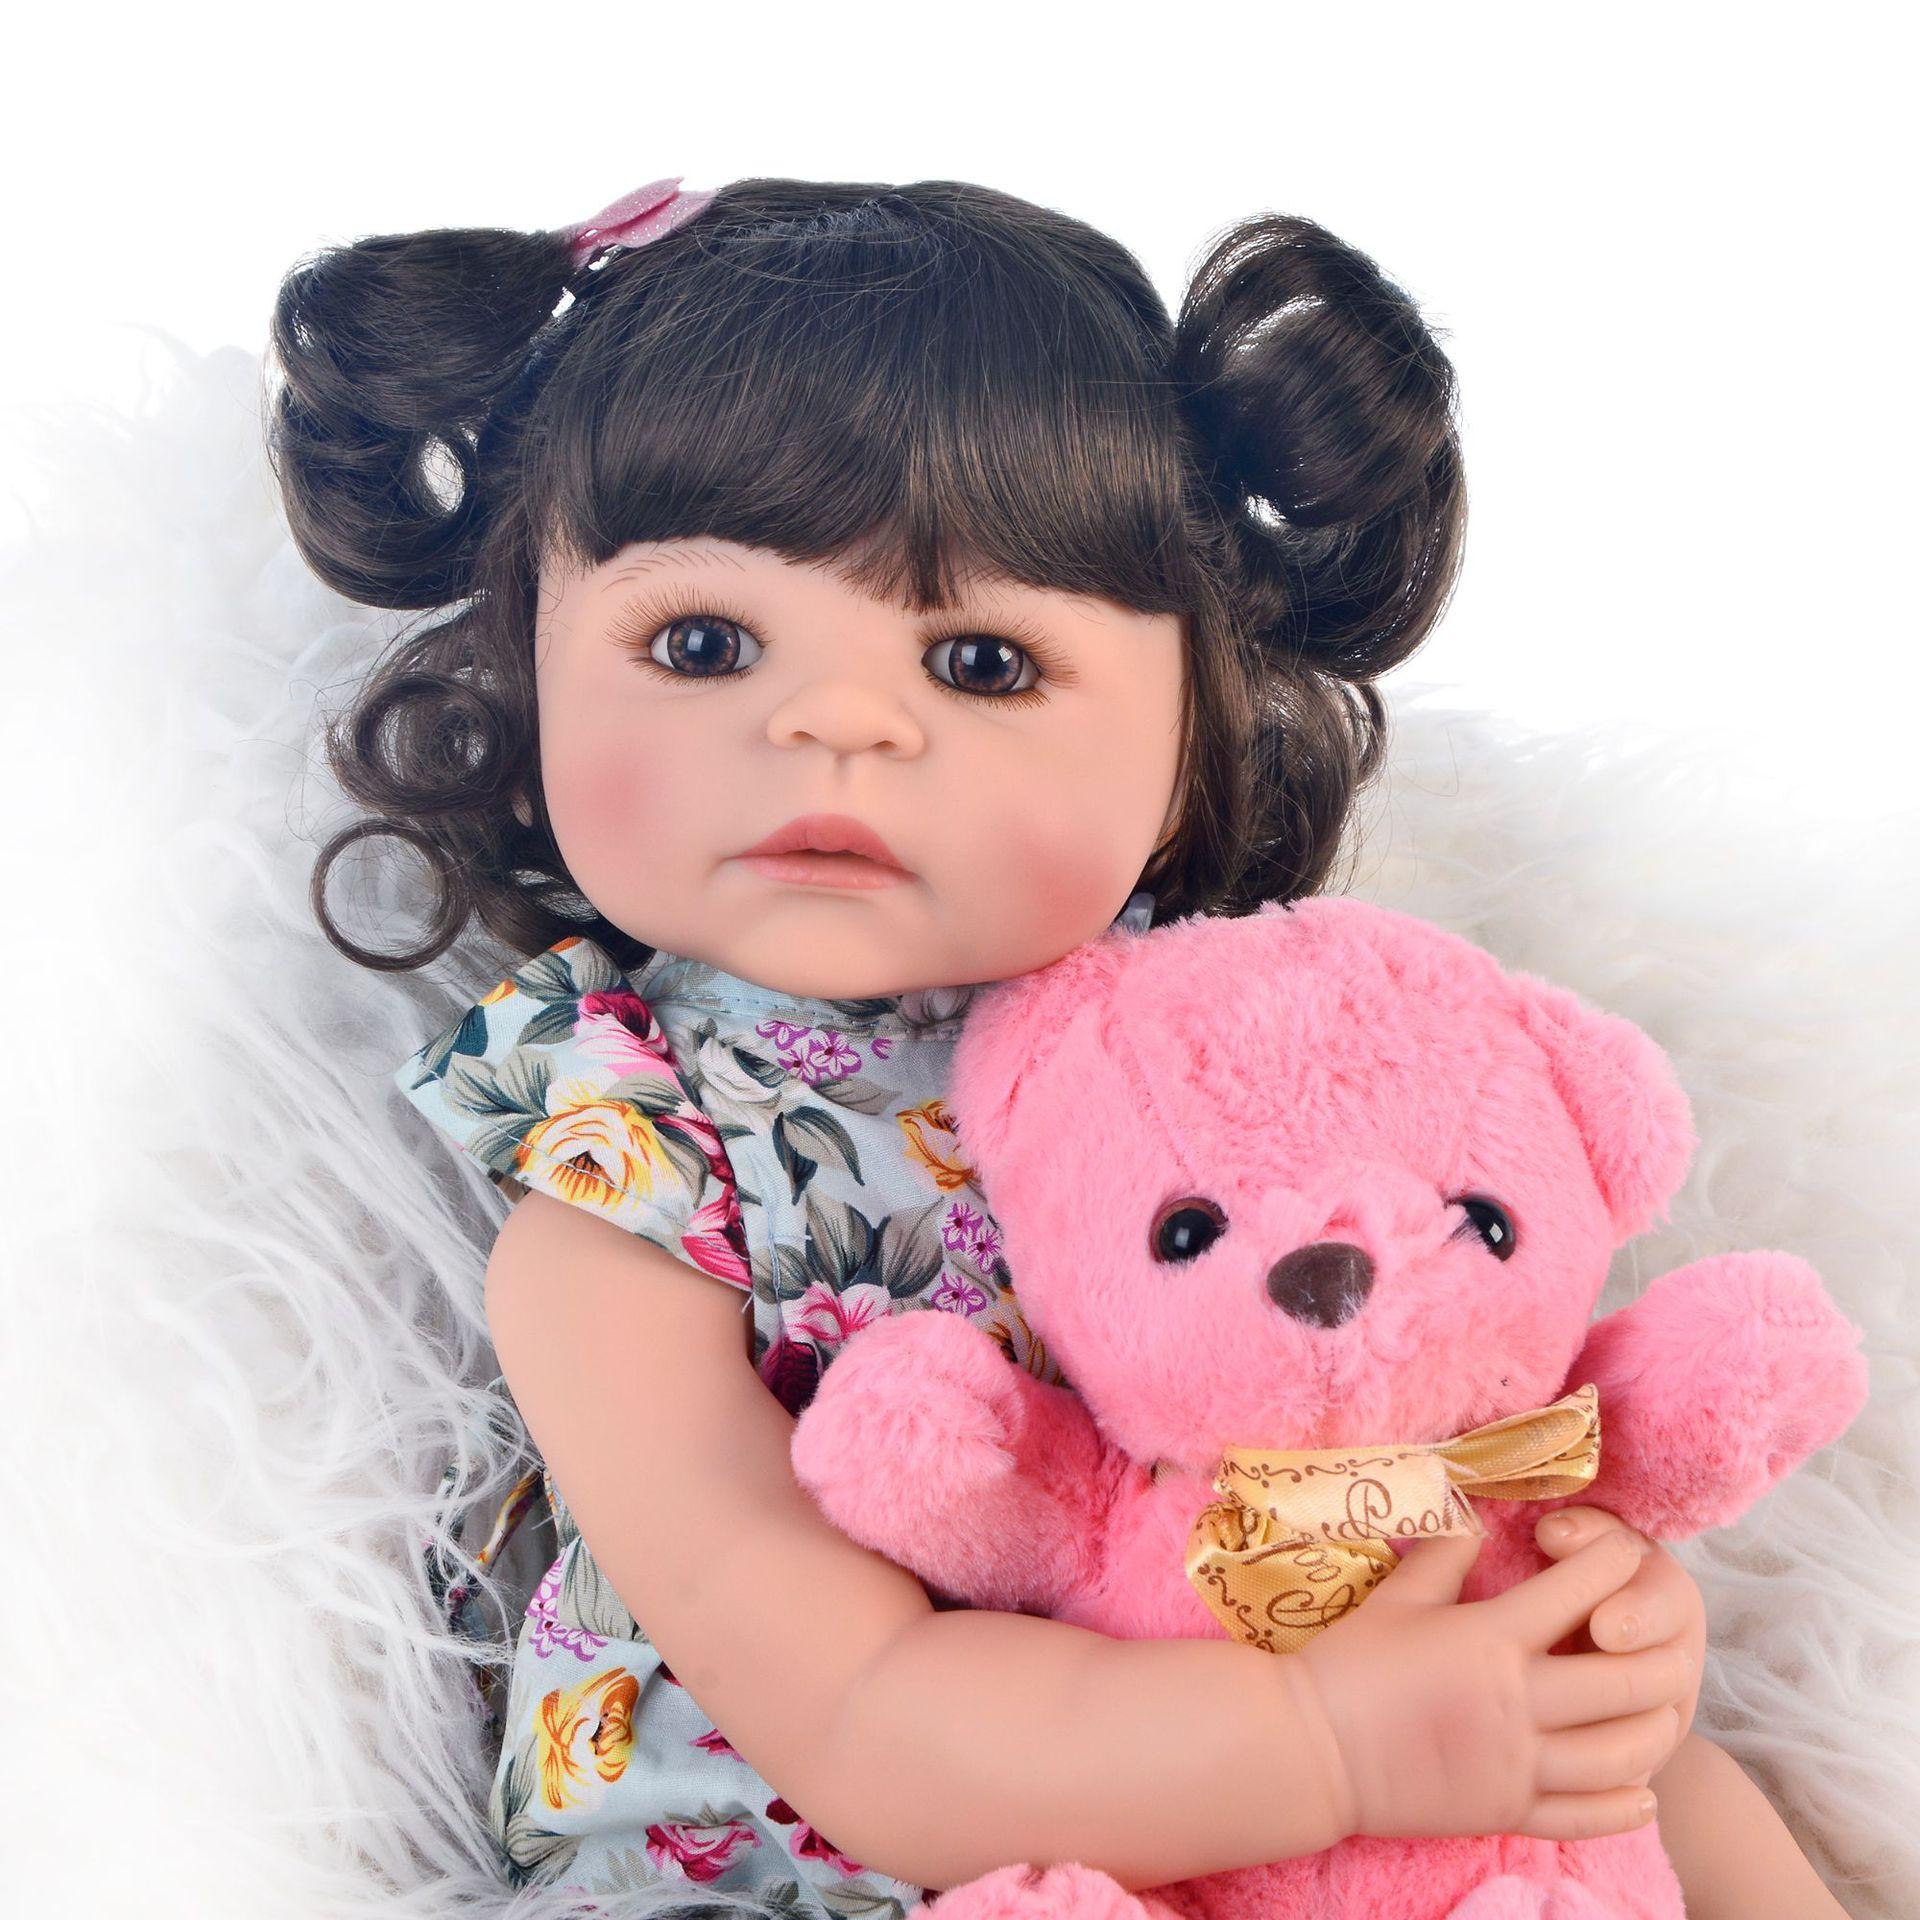 Jolis bébés poupée en Silicone fille poupée Reborn jouets pour enfants cadeau star bébé reborn poupées jouet de bain porter des vêtements nouveau-né victori